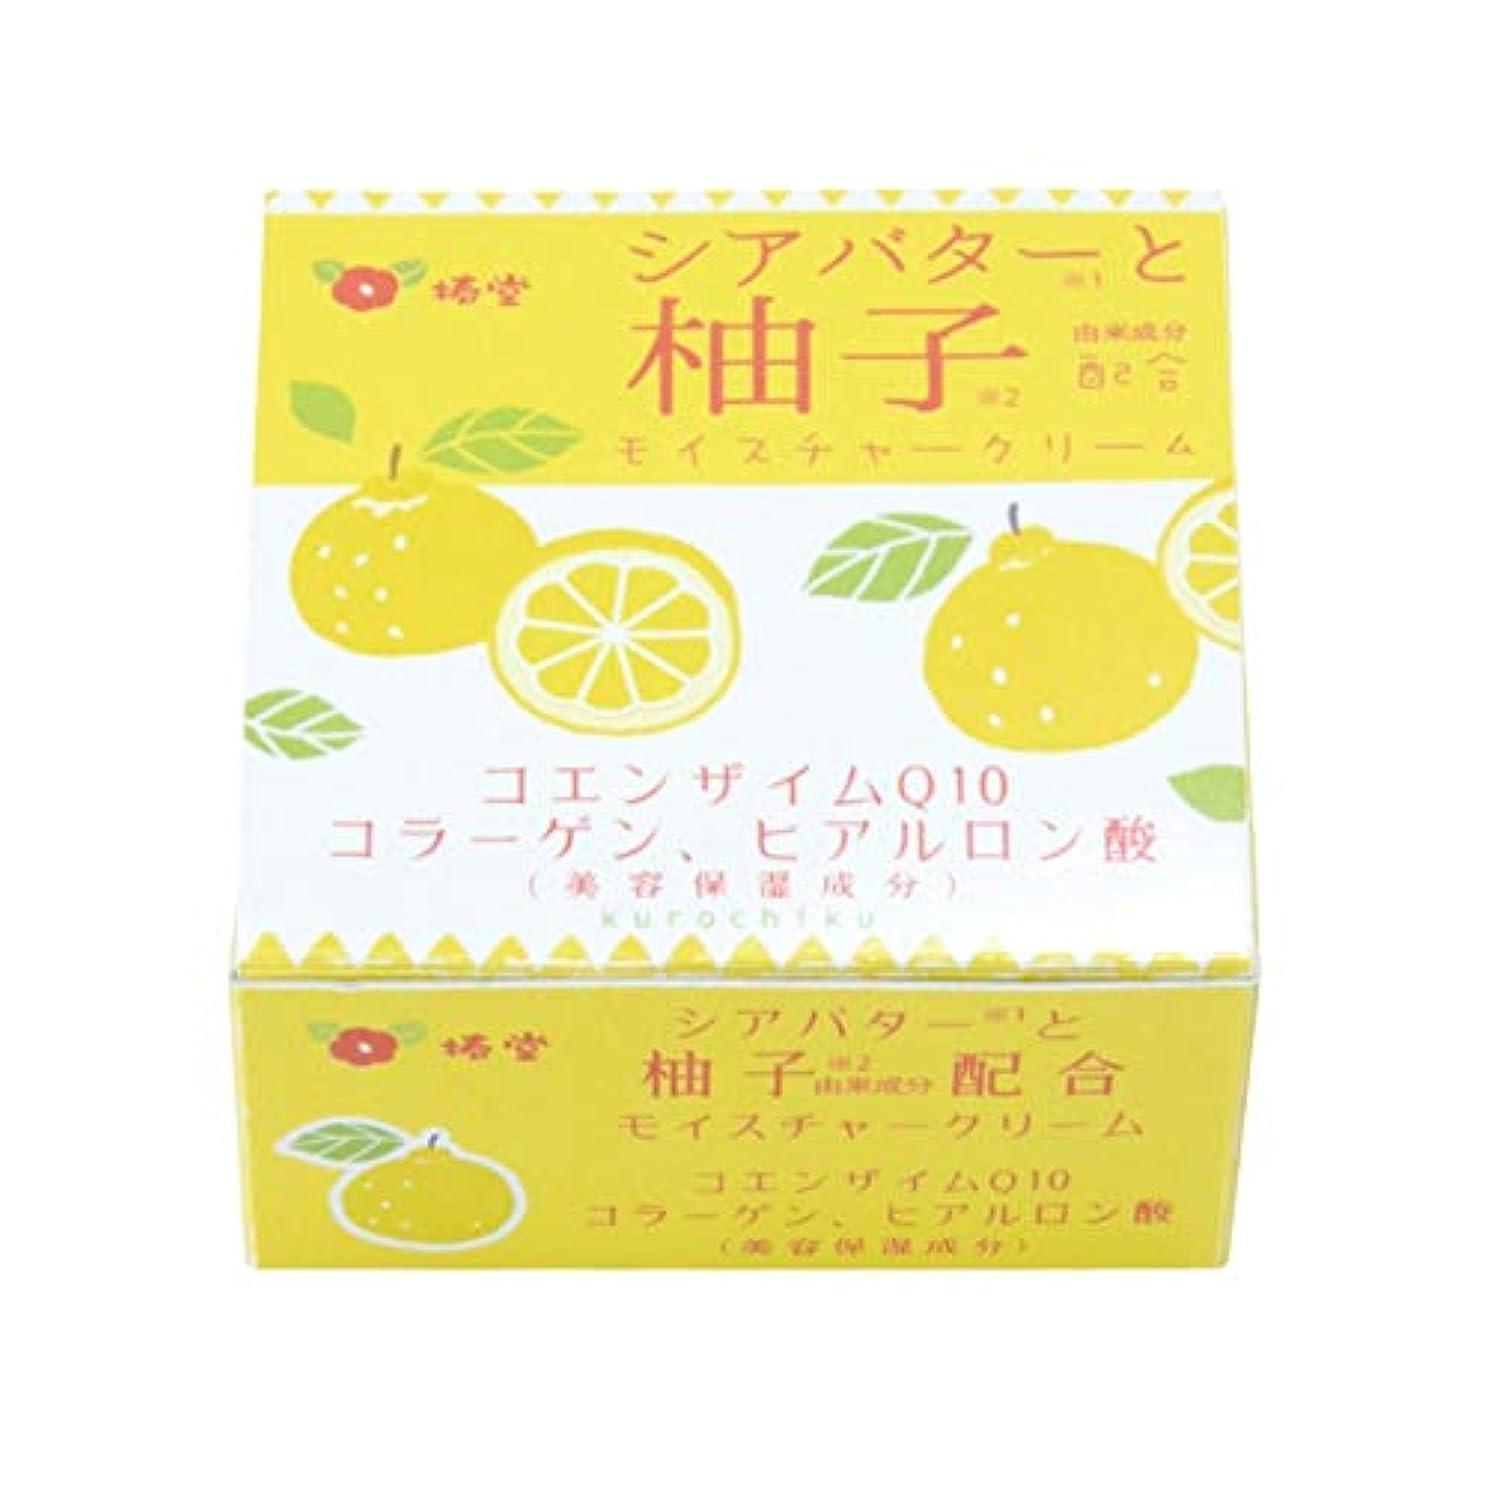 霊テメリティ信じる椿堂 柚子モイスチャークリーム (シアバターと柚子) 京都くろちく